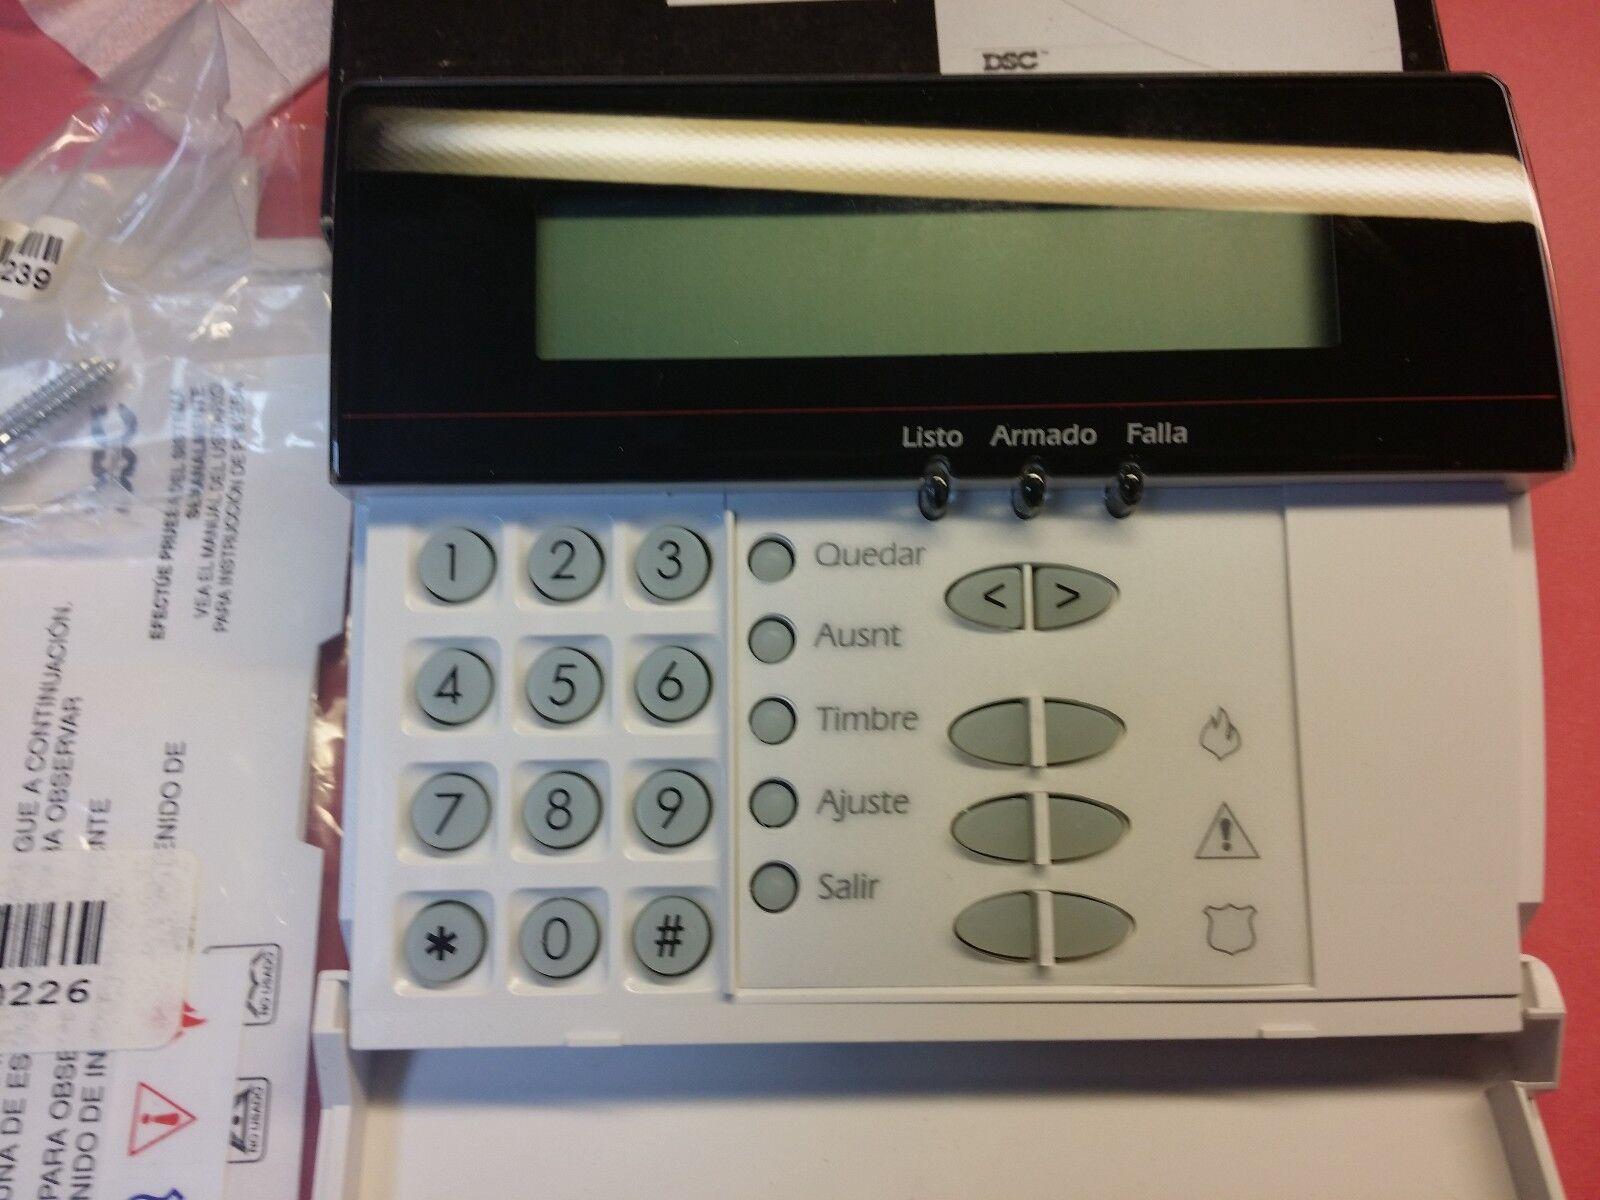 Dsc LCD5500SP alarma de idioma español teclado de potencia serie raro y  nuevo